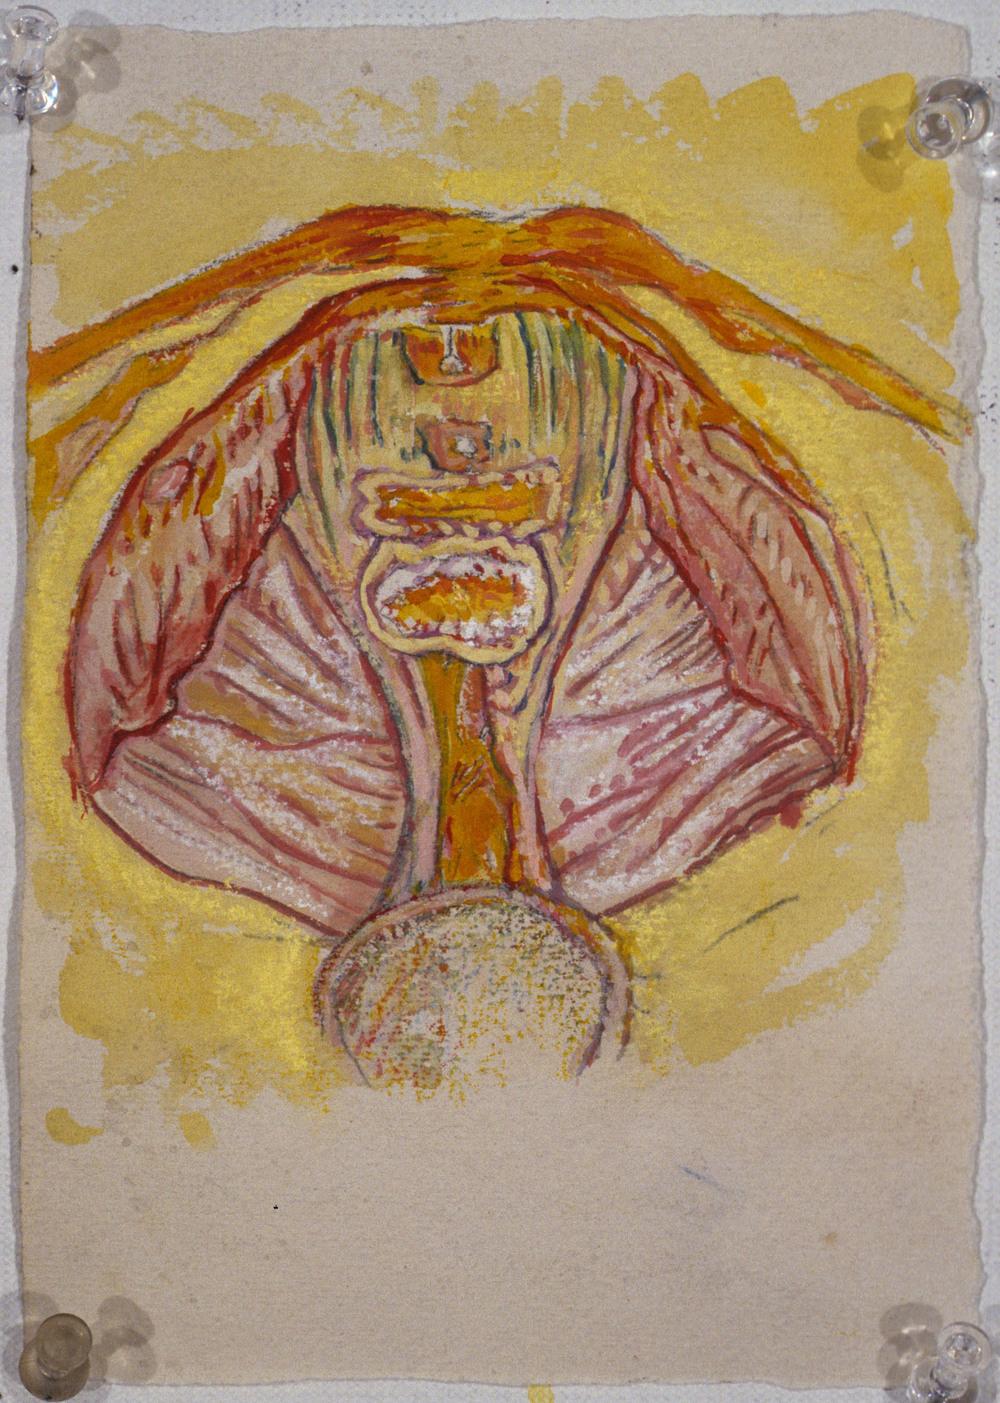 Mimi.Gross.anatomy.038.jpg